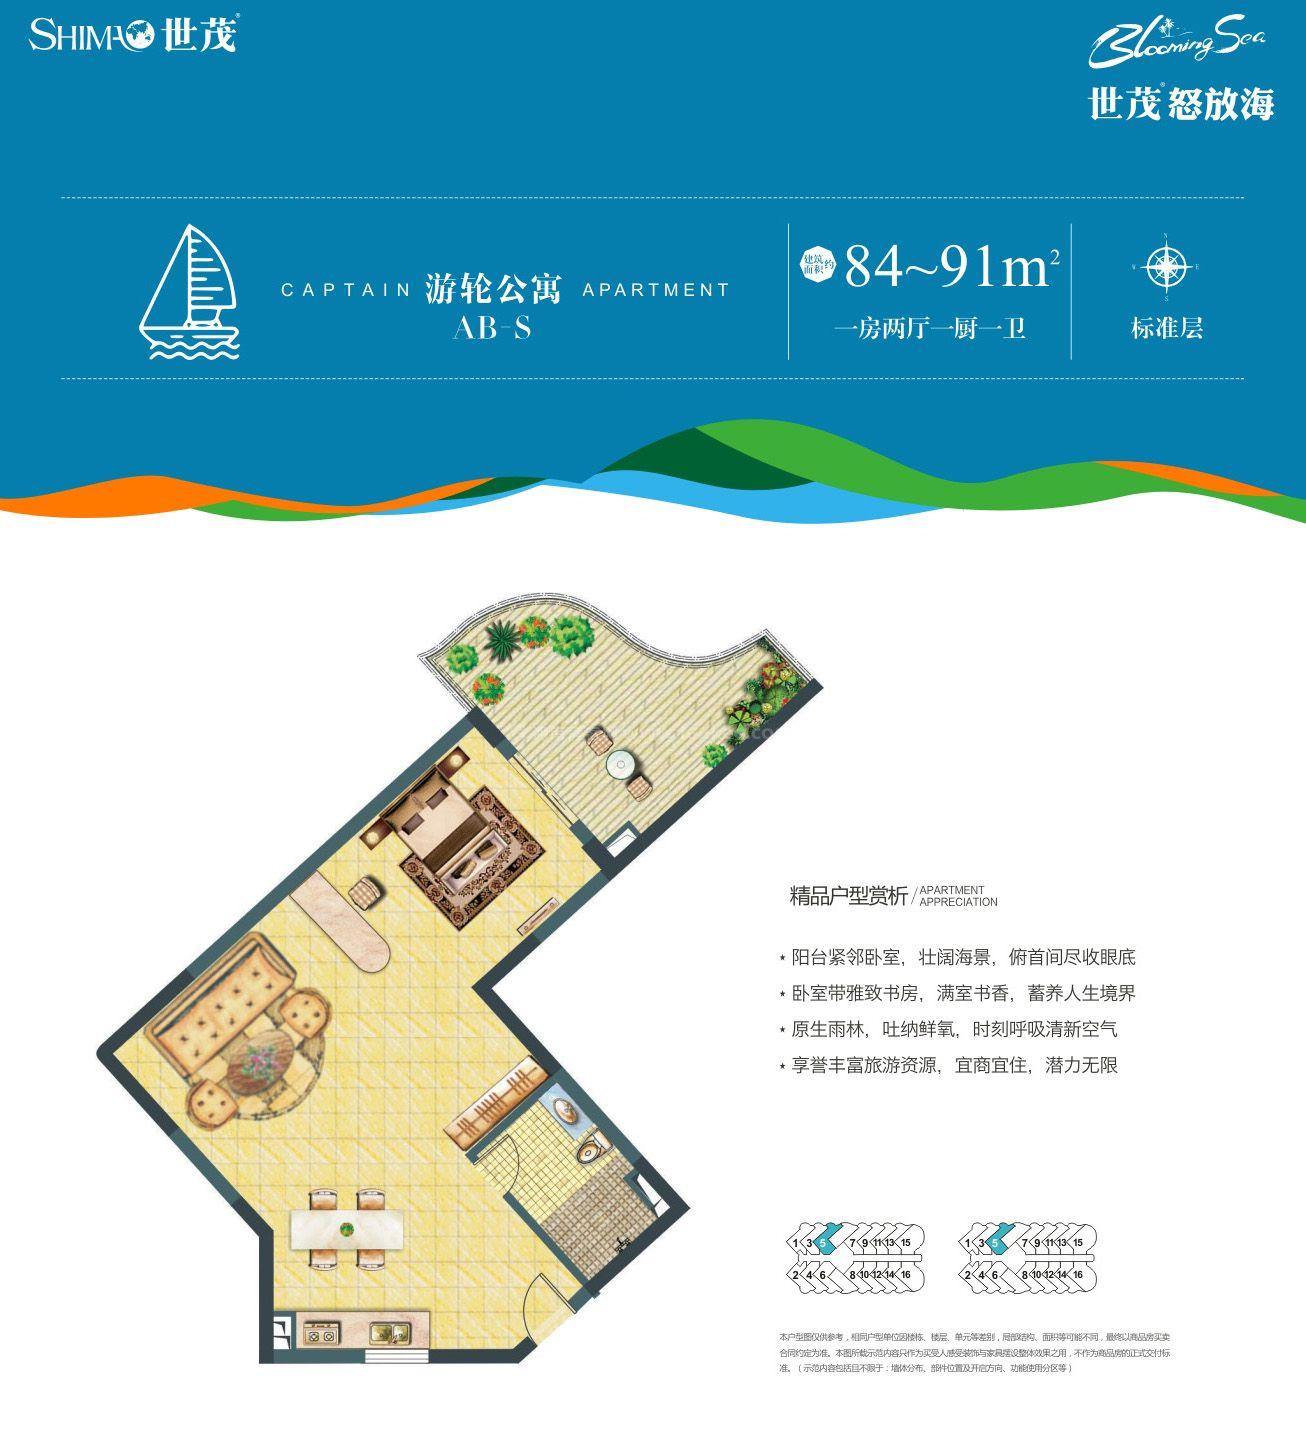 游轮公寓AB-S户型 1房2厅1厨1卫 建筑面积约84-91㎡